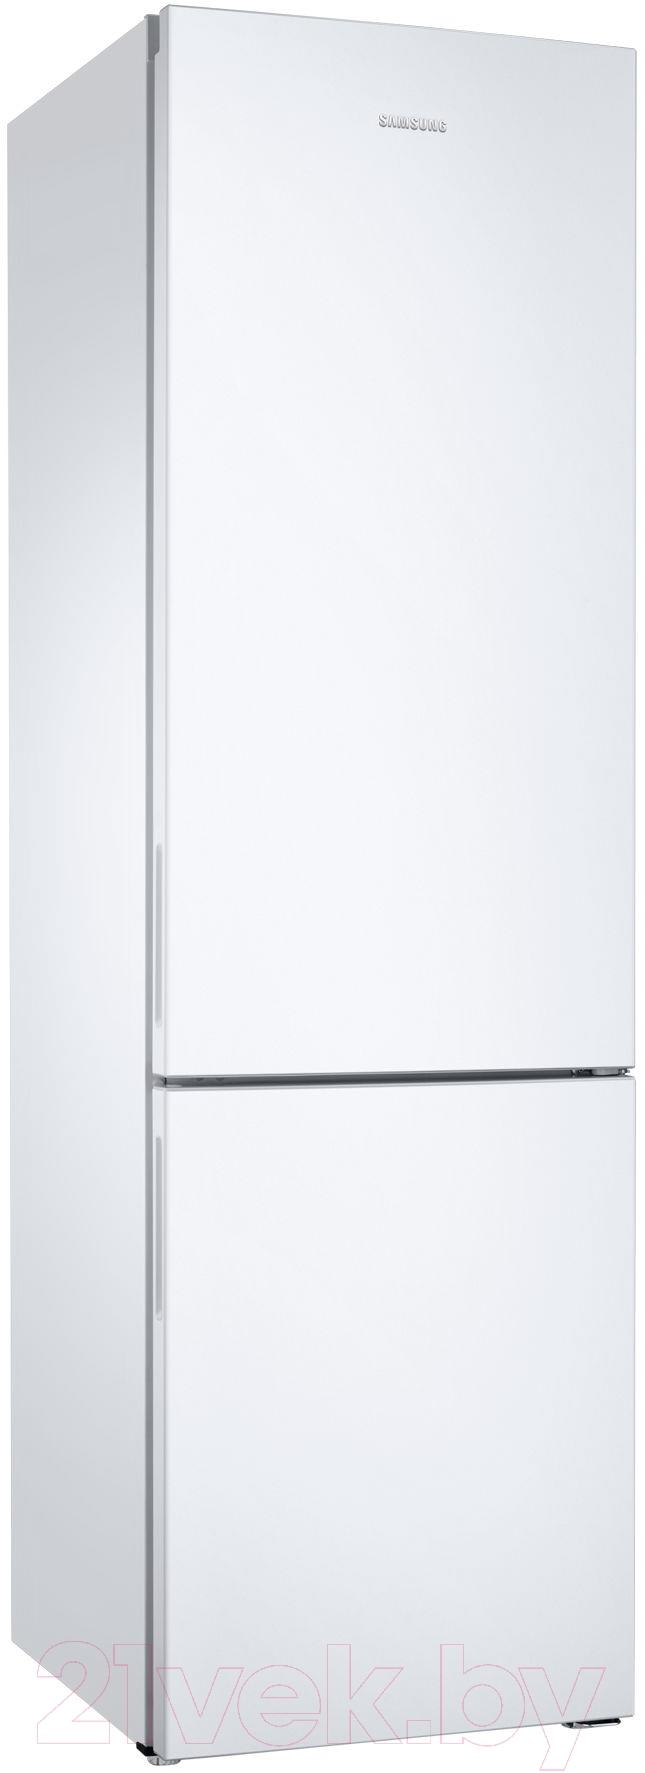 Купить Холодильник с морозильником Samsung, RB37J5000WW, Польша